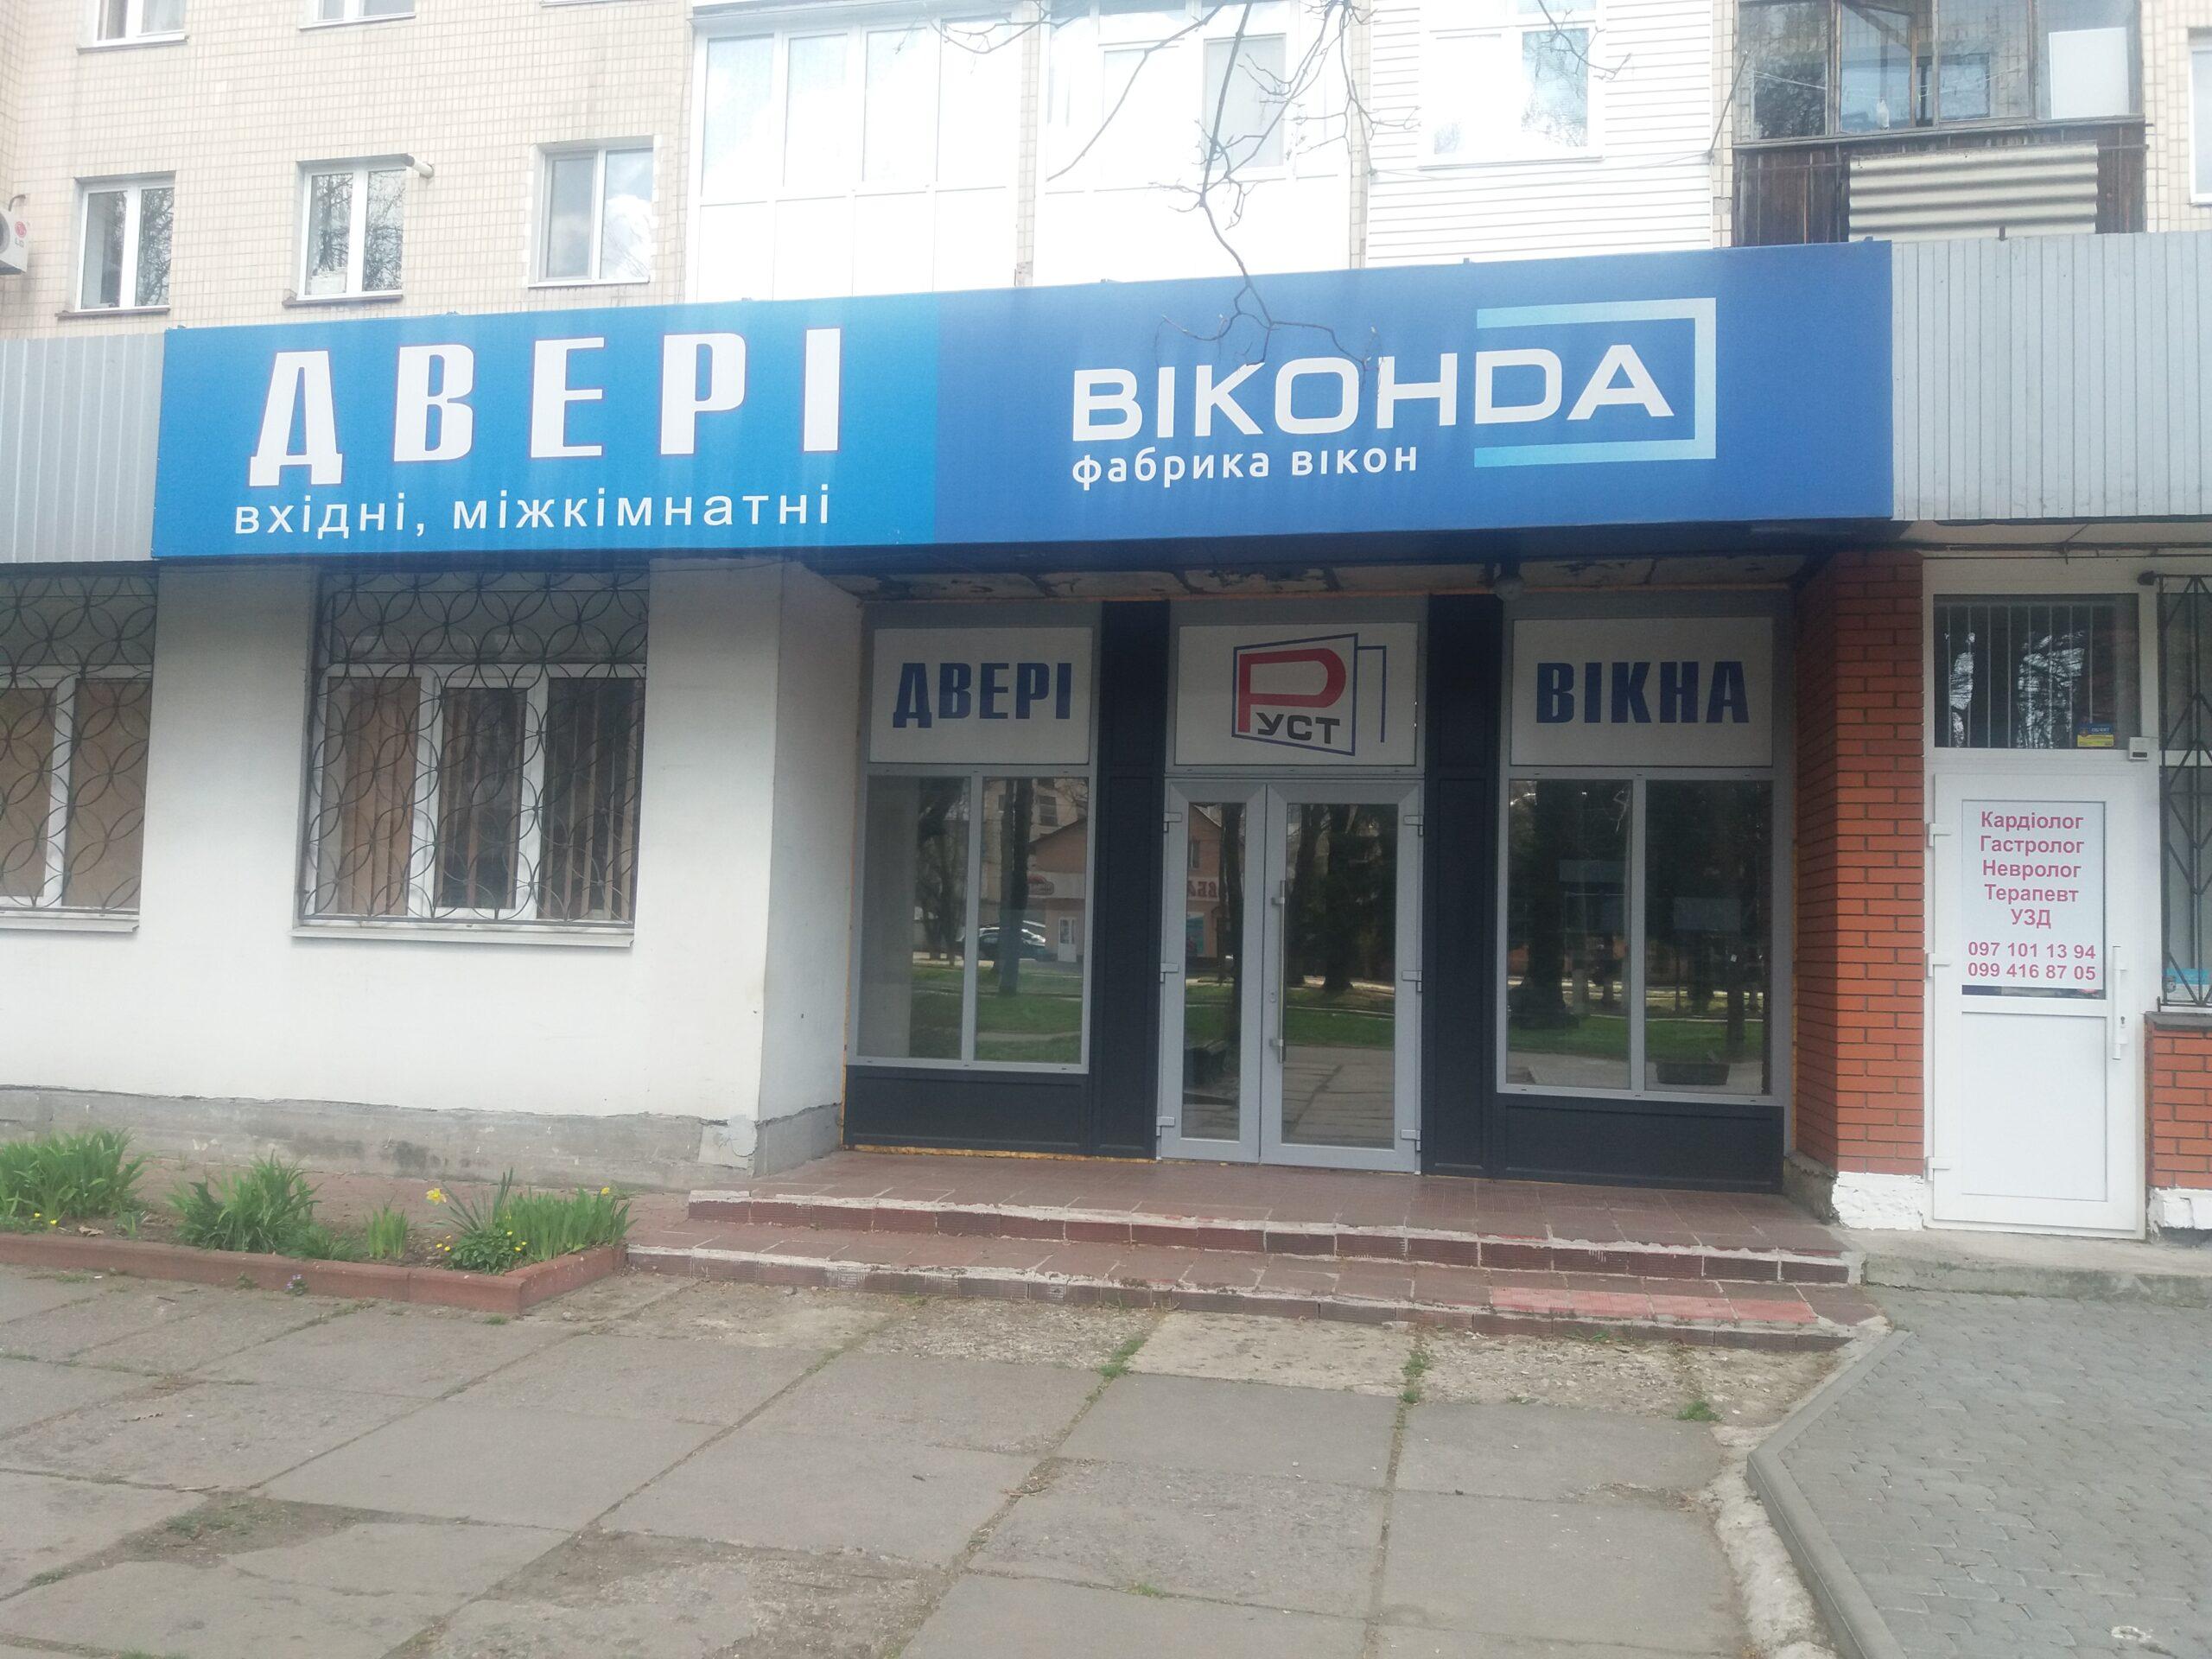 салон Виконда в Виннице Хмельницкое шосее 4